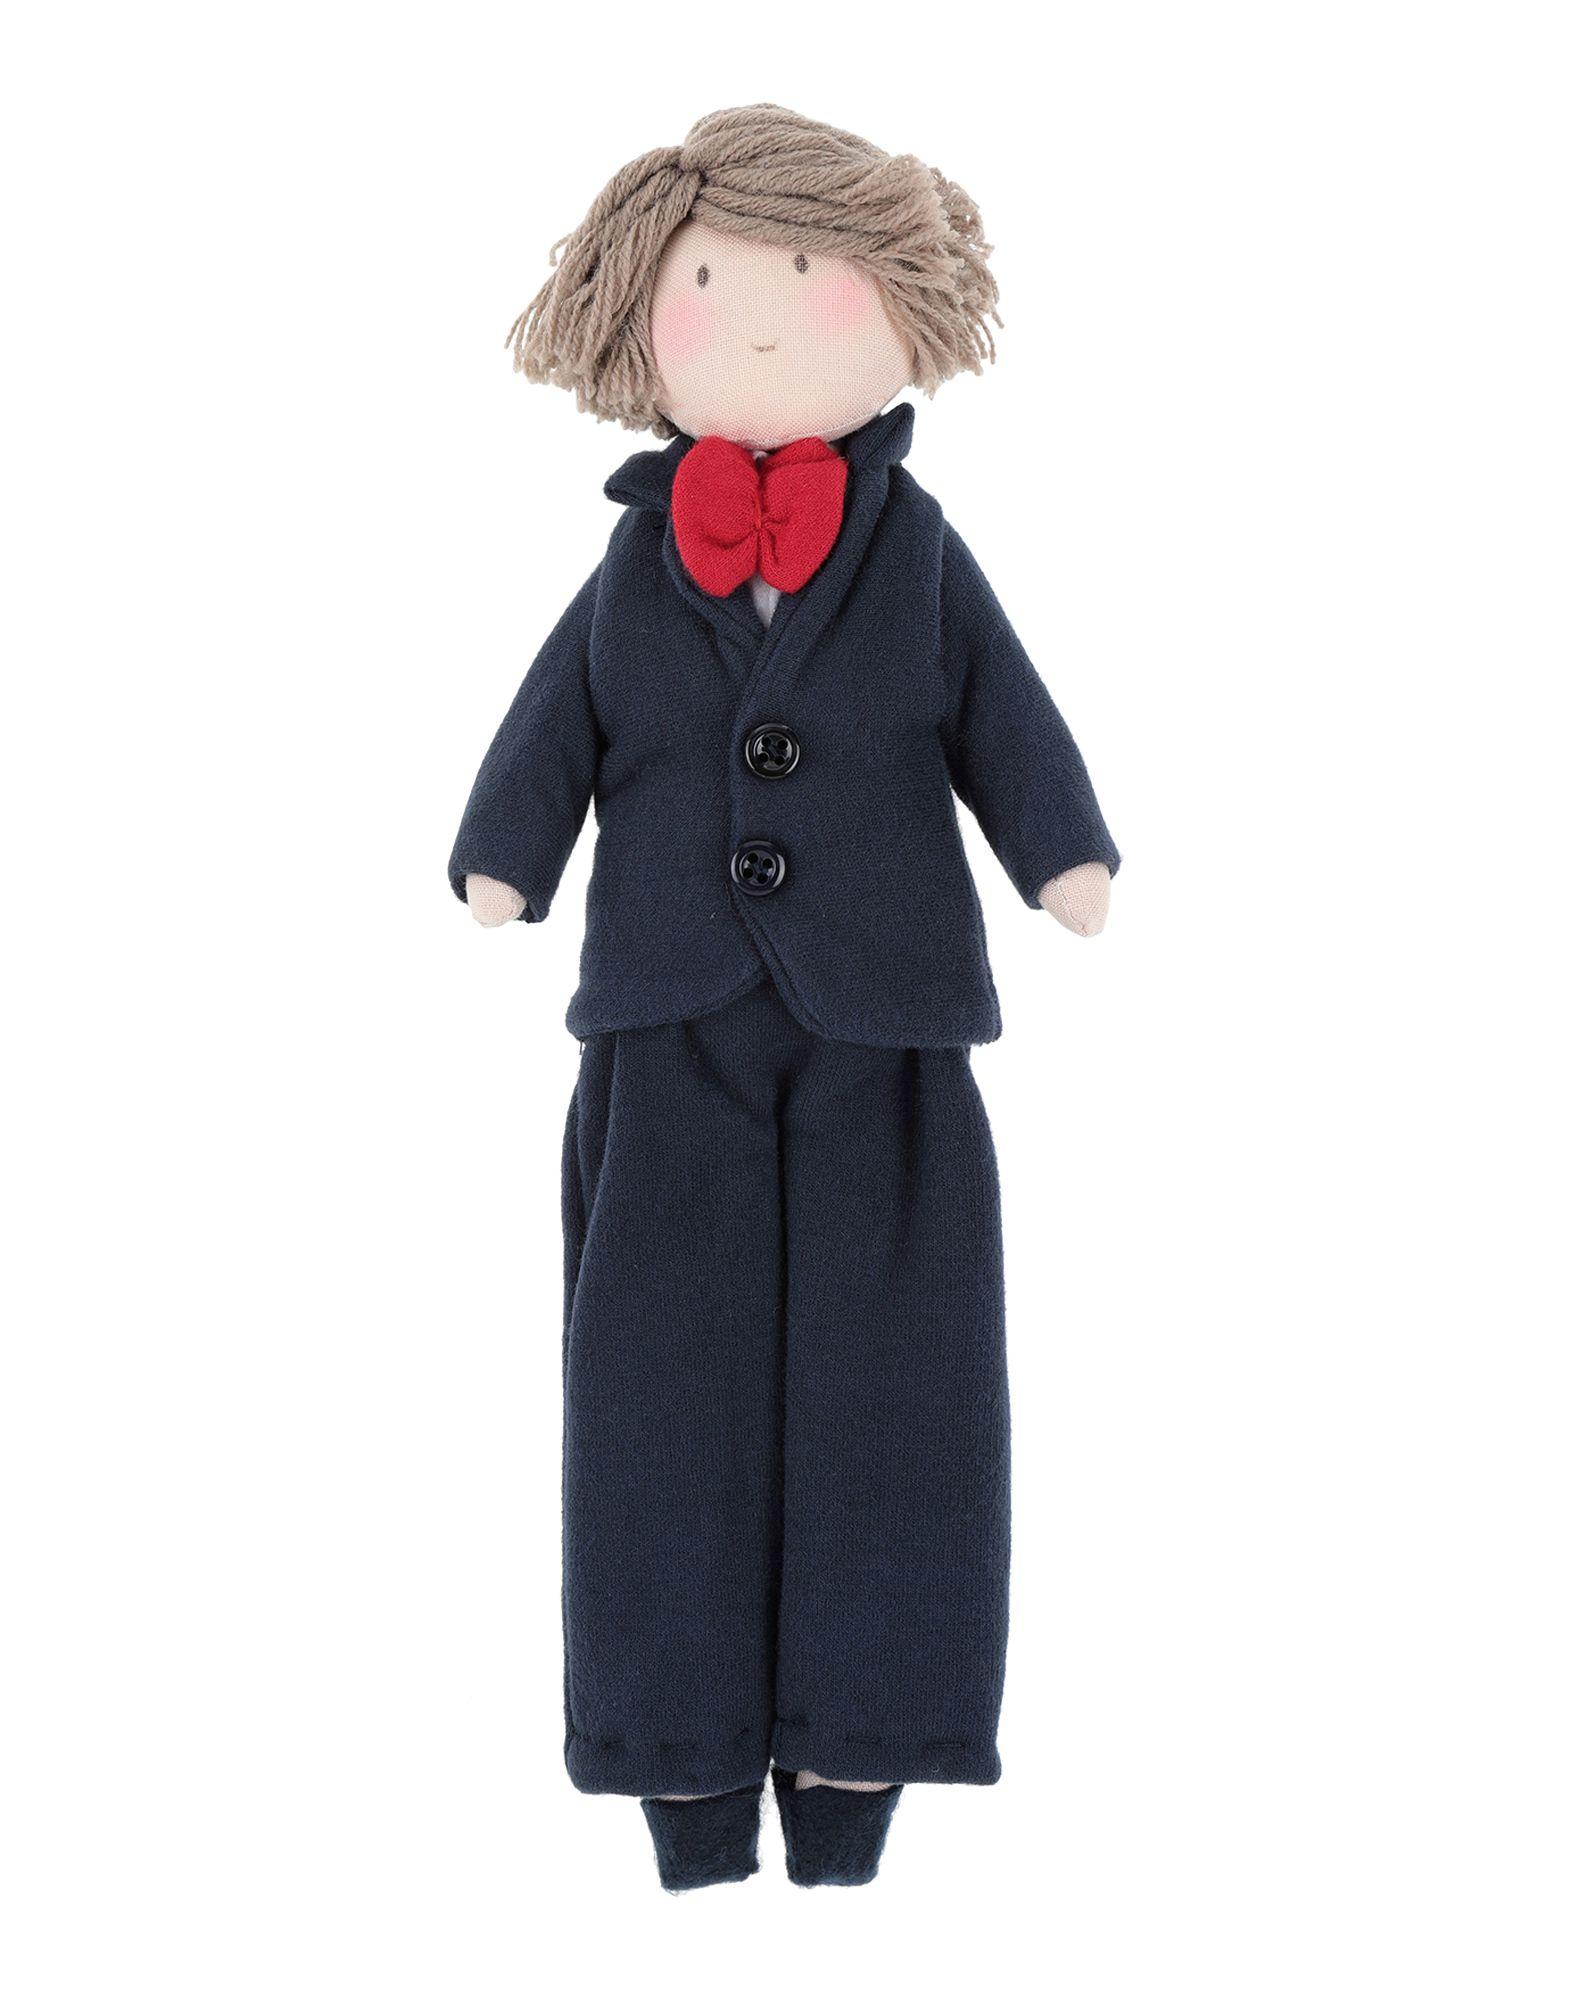 LE BEBÉ Куклы и мягкие игрушки